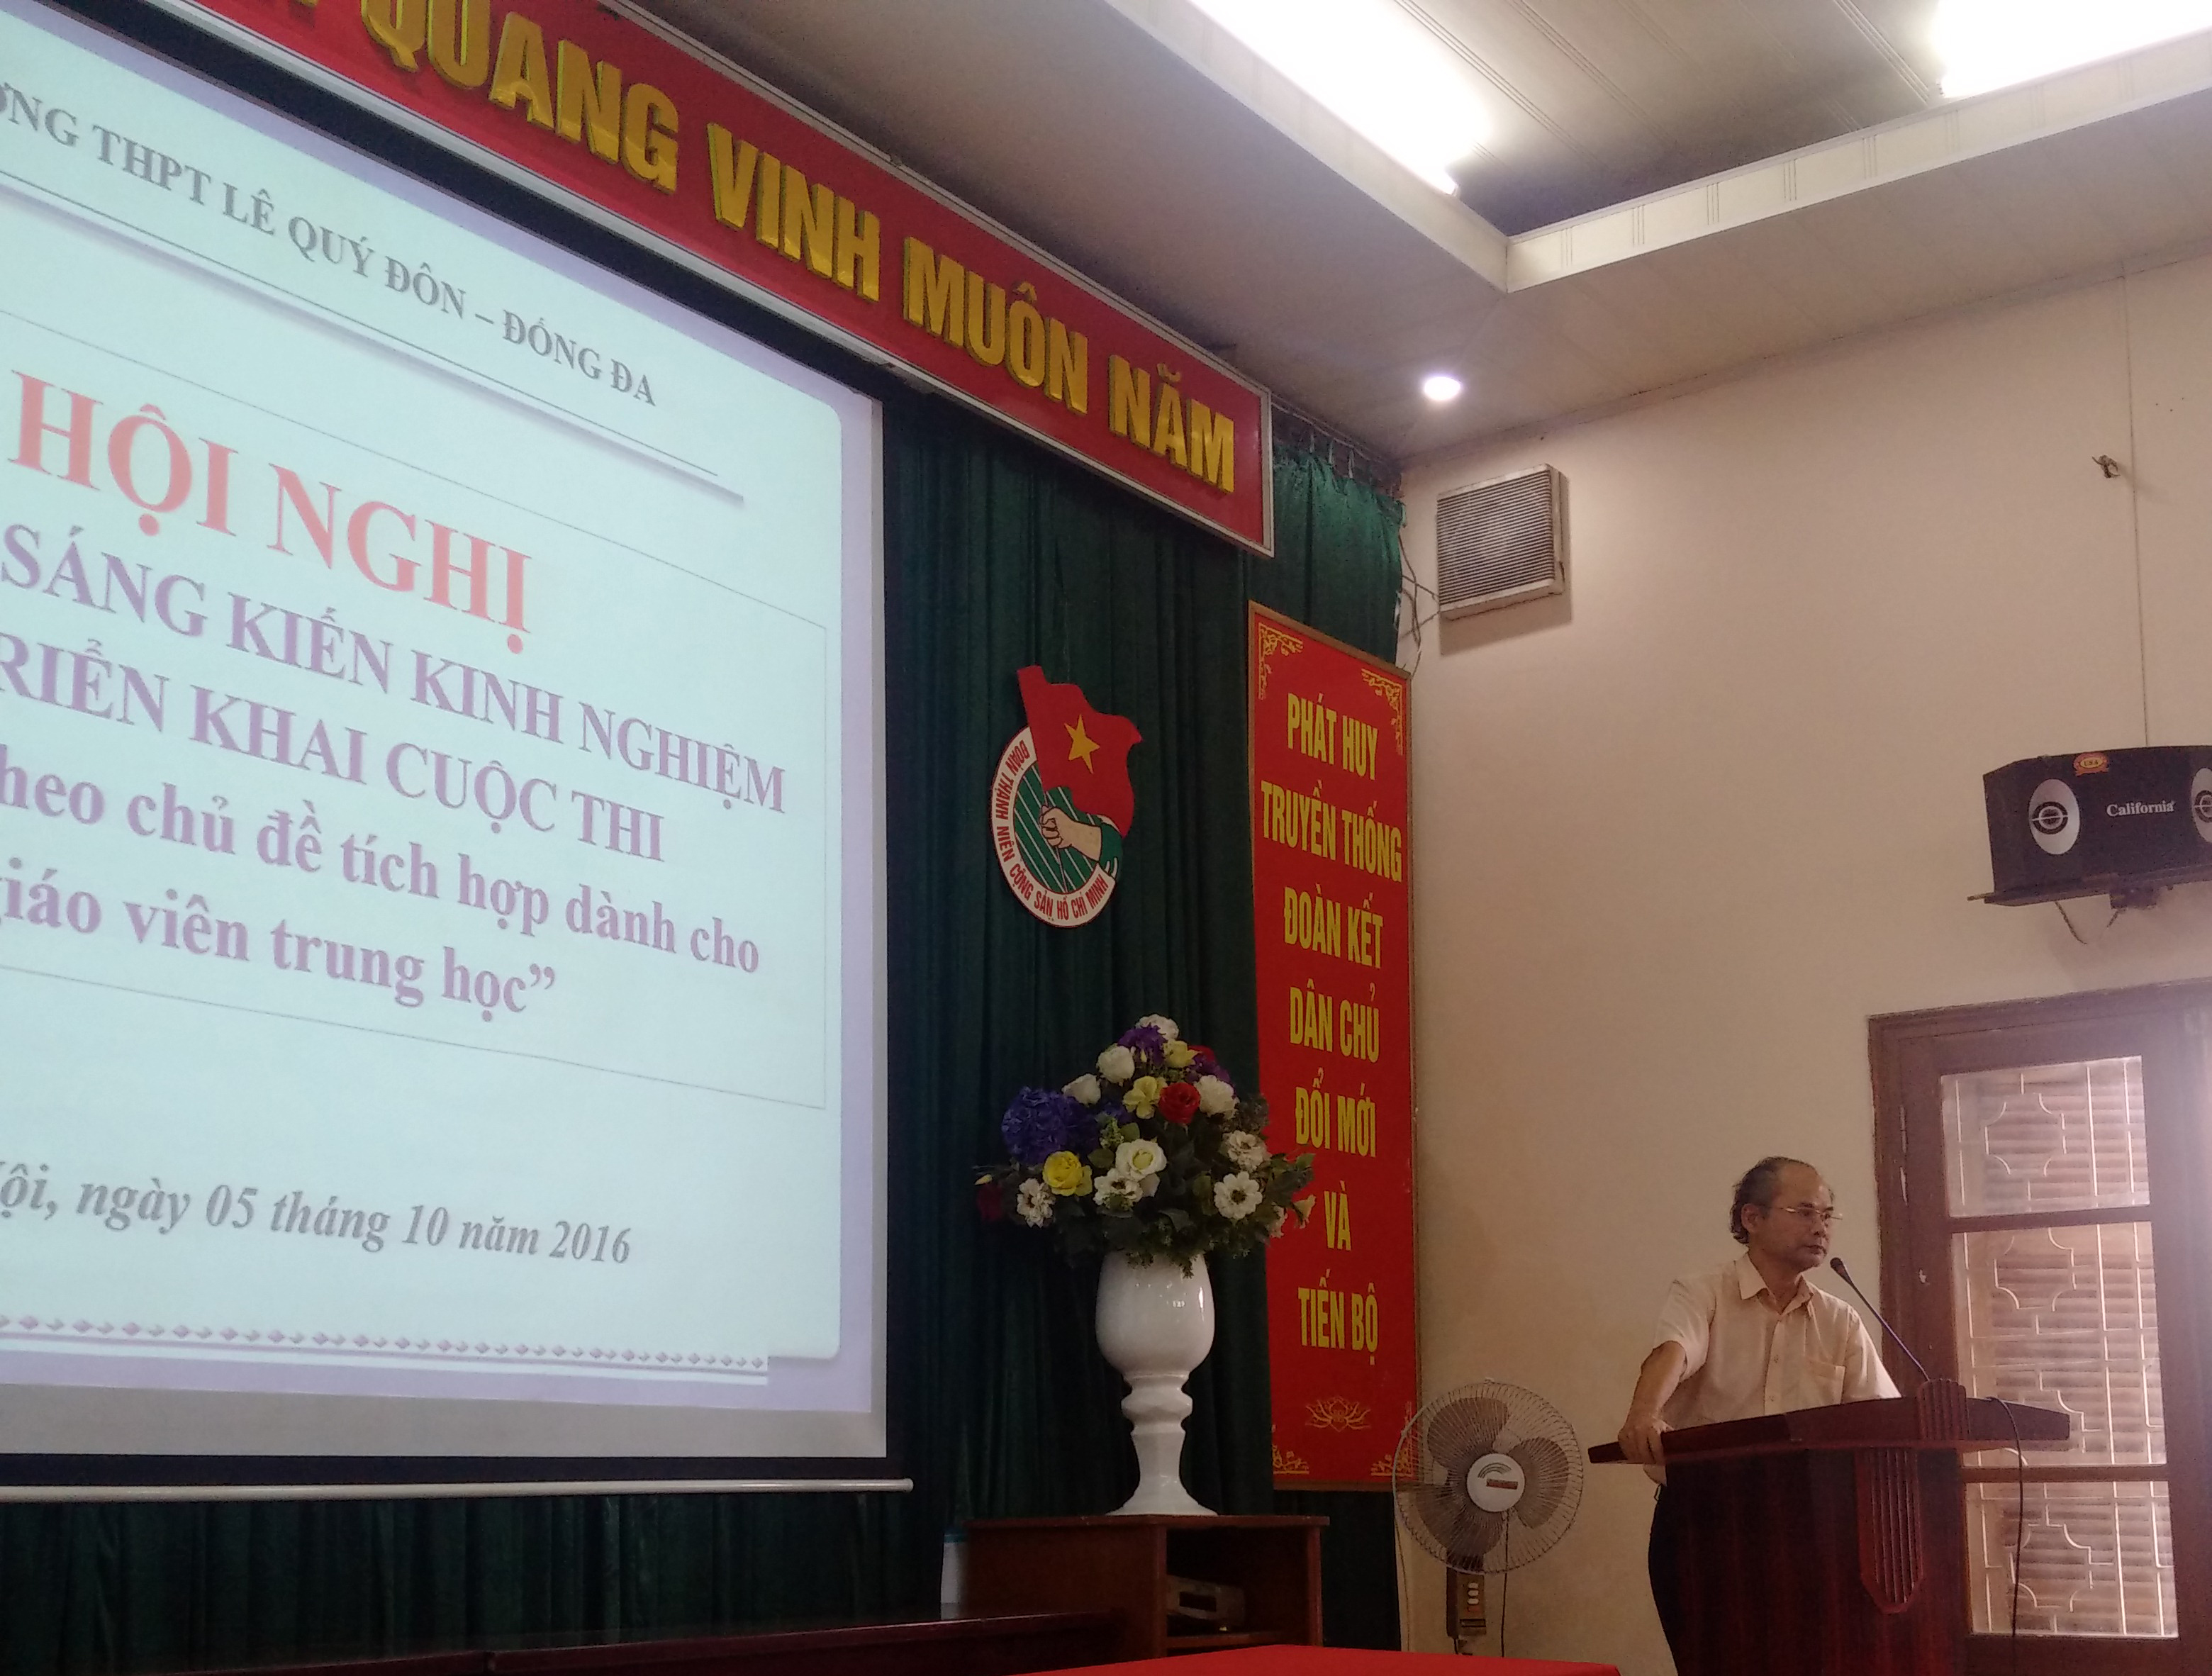 """Hội nghị chuyên đề """"Phổ biến SKKN và triển khai cuộc thi dạy học theo chủ đề tích hợp dành cho giáo viên THPT"""""""